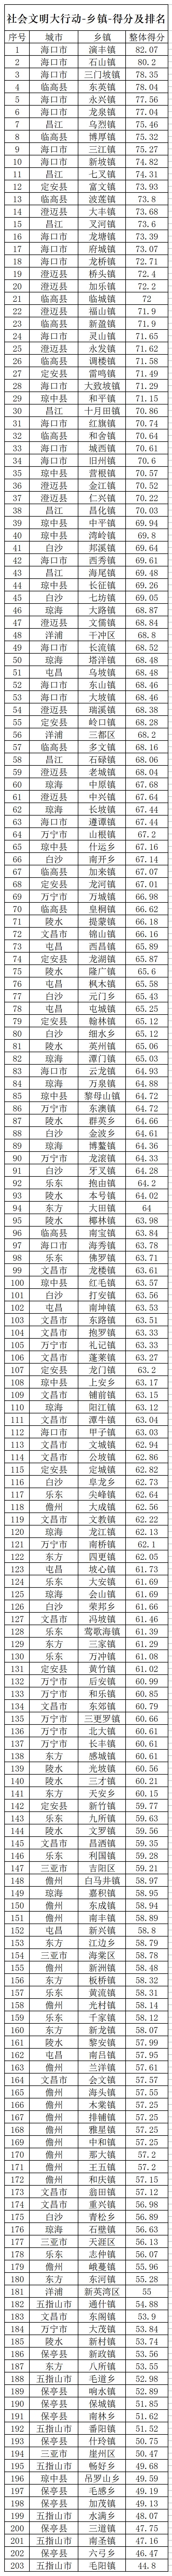 新建 XLS 工作表11_副本..png